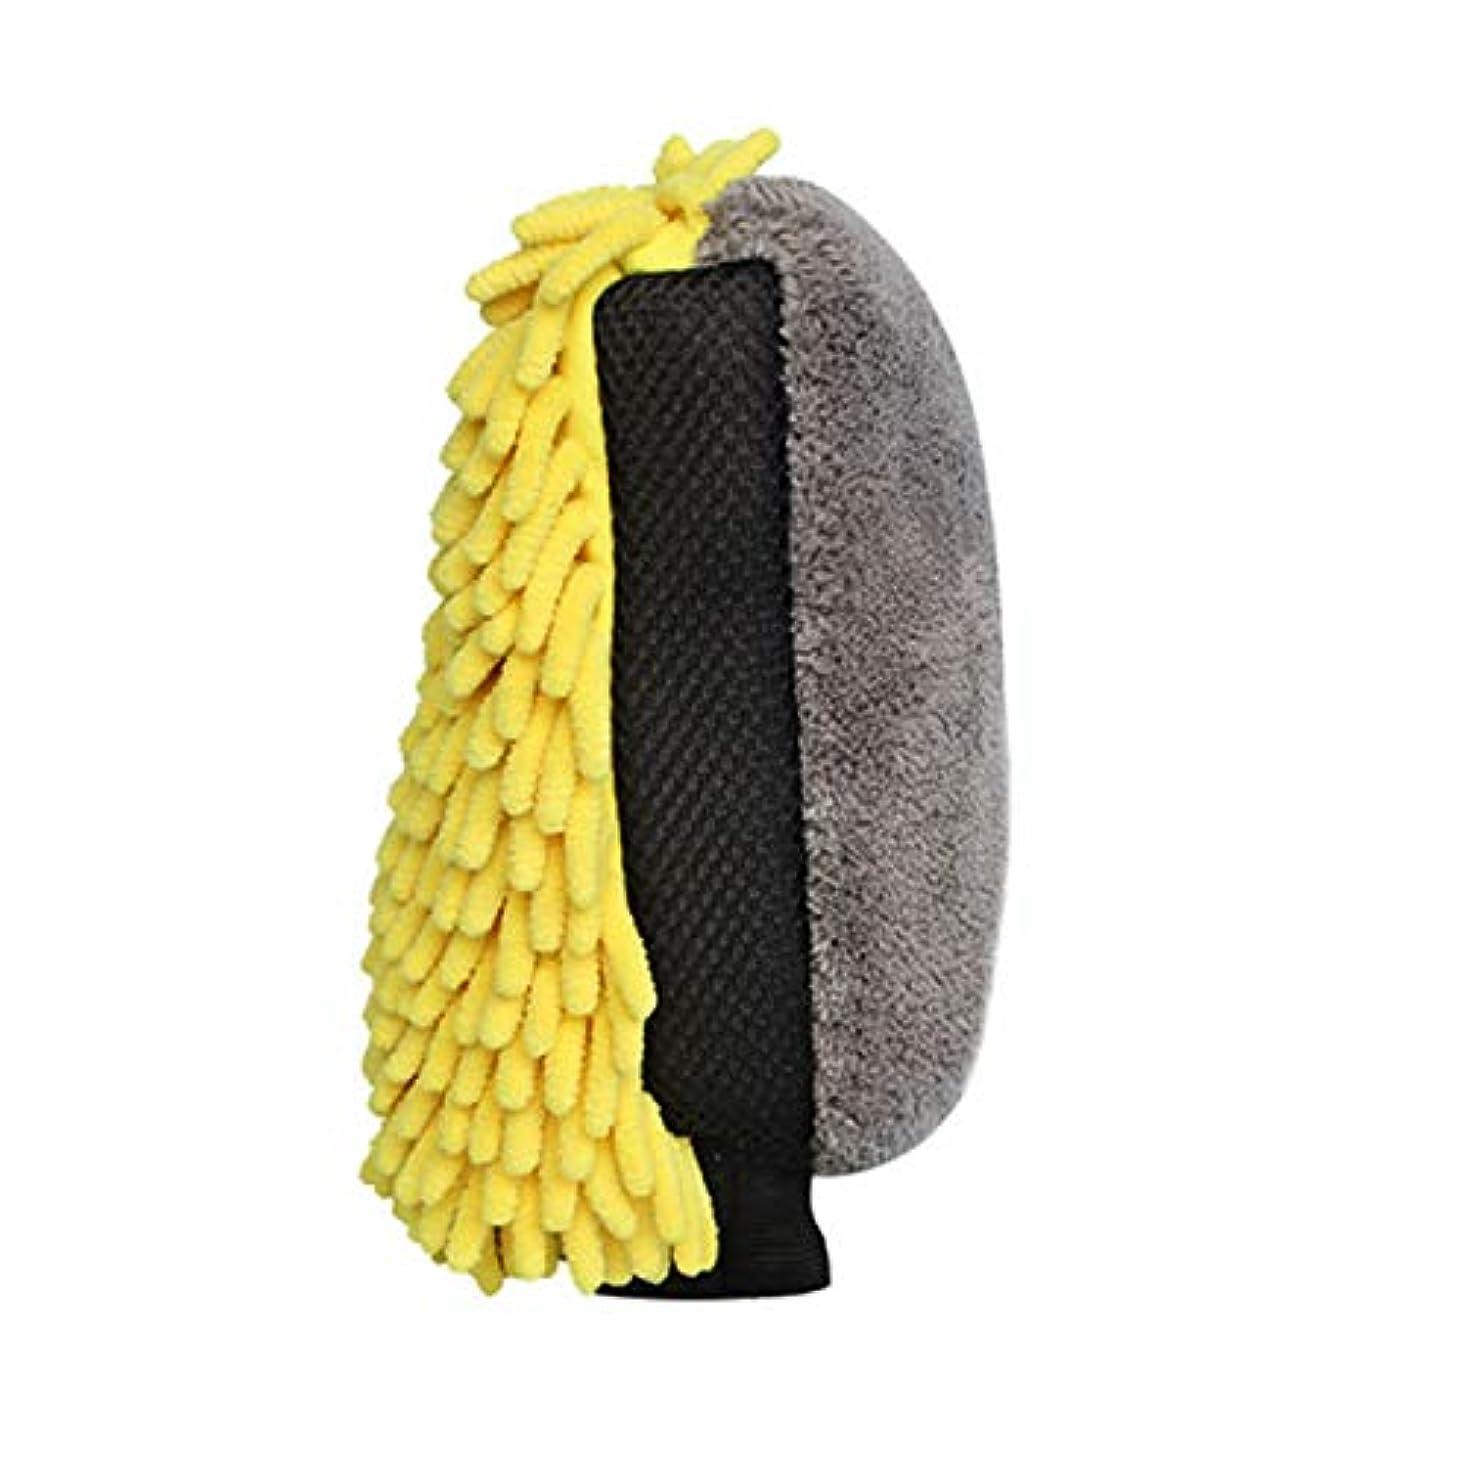 シエスタ枝舌なBTXXYJP 防水 カーウォッシュマイクロ ファイバーシェ ニール ディテールブラシ グローブ 多機能 (Color : Yellow, Size : M-Five pairs)